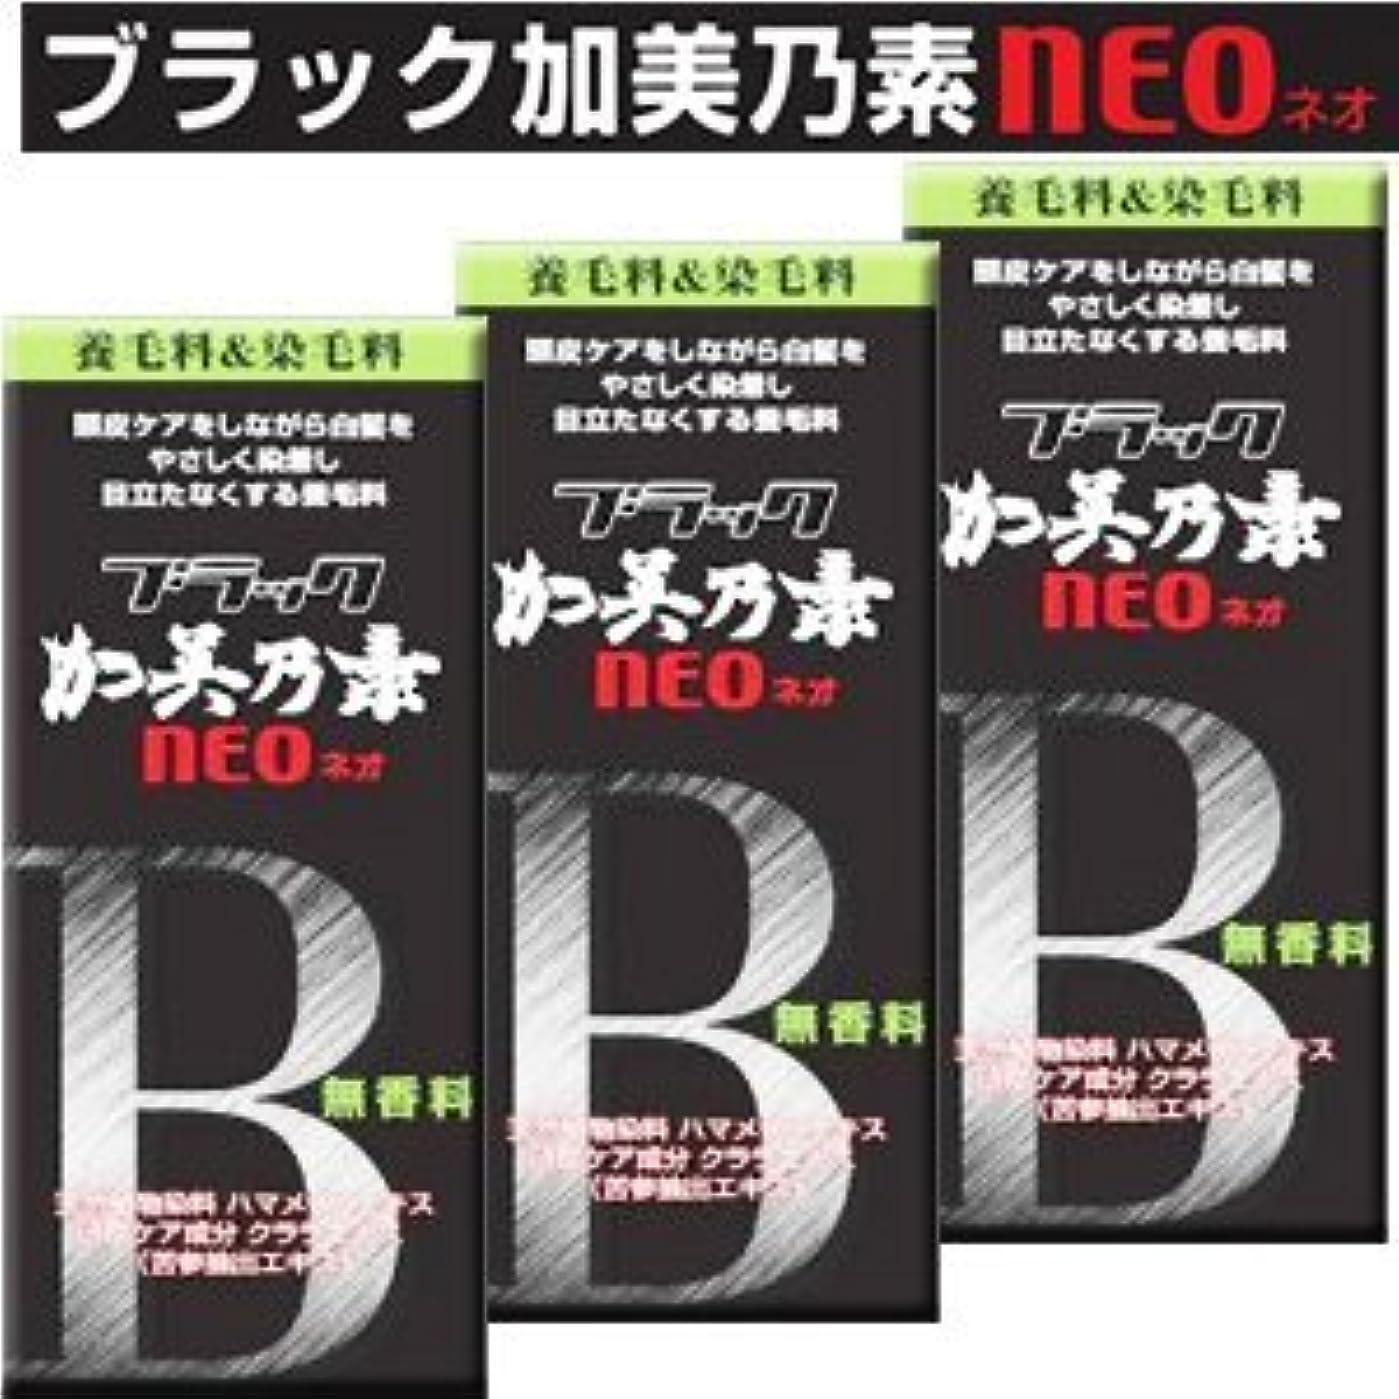 【3個】 ブラック加美乃素NEO 無香料 150mlx3個 (4987046370105)